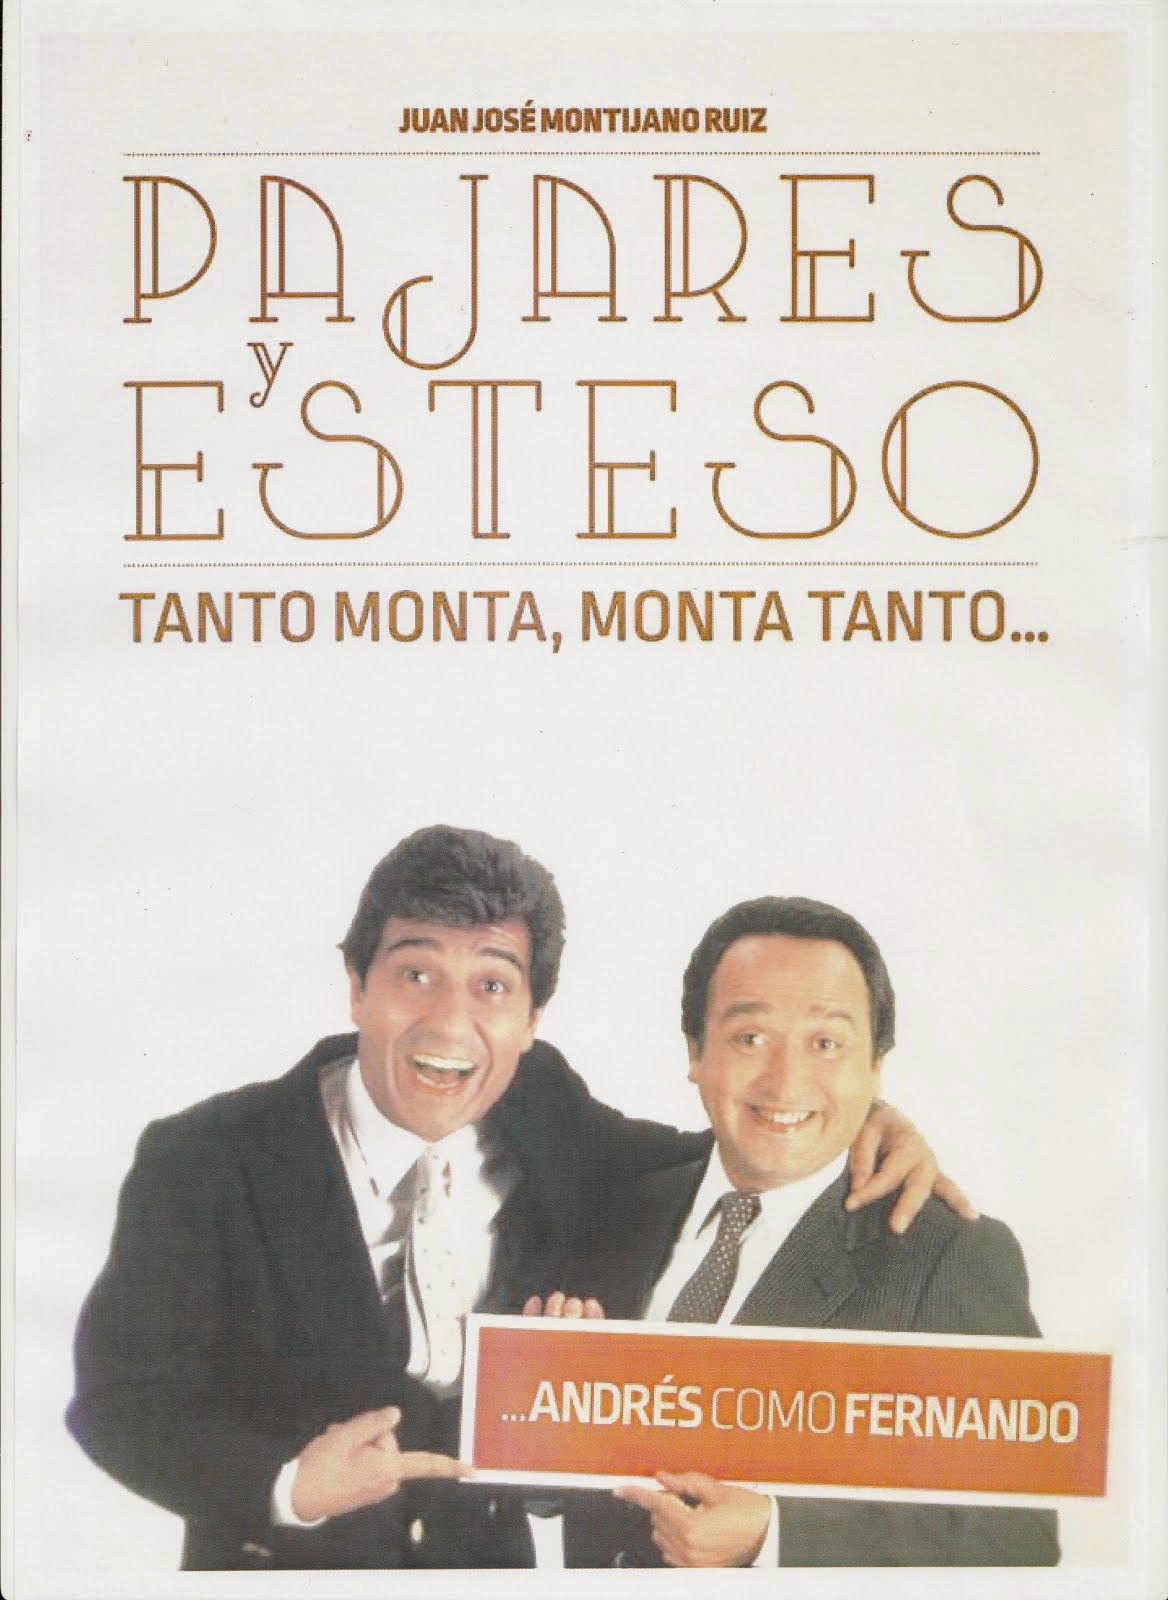 """Pajares y Esteso: """"Tanto monta, monta tanto... Andrés como Fernando"""""""